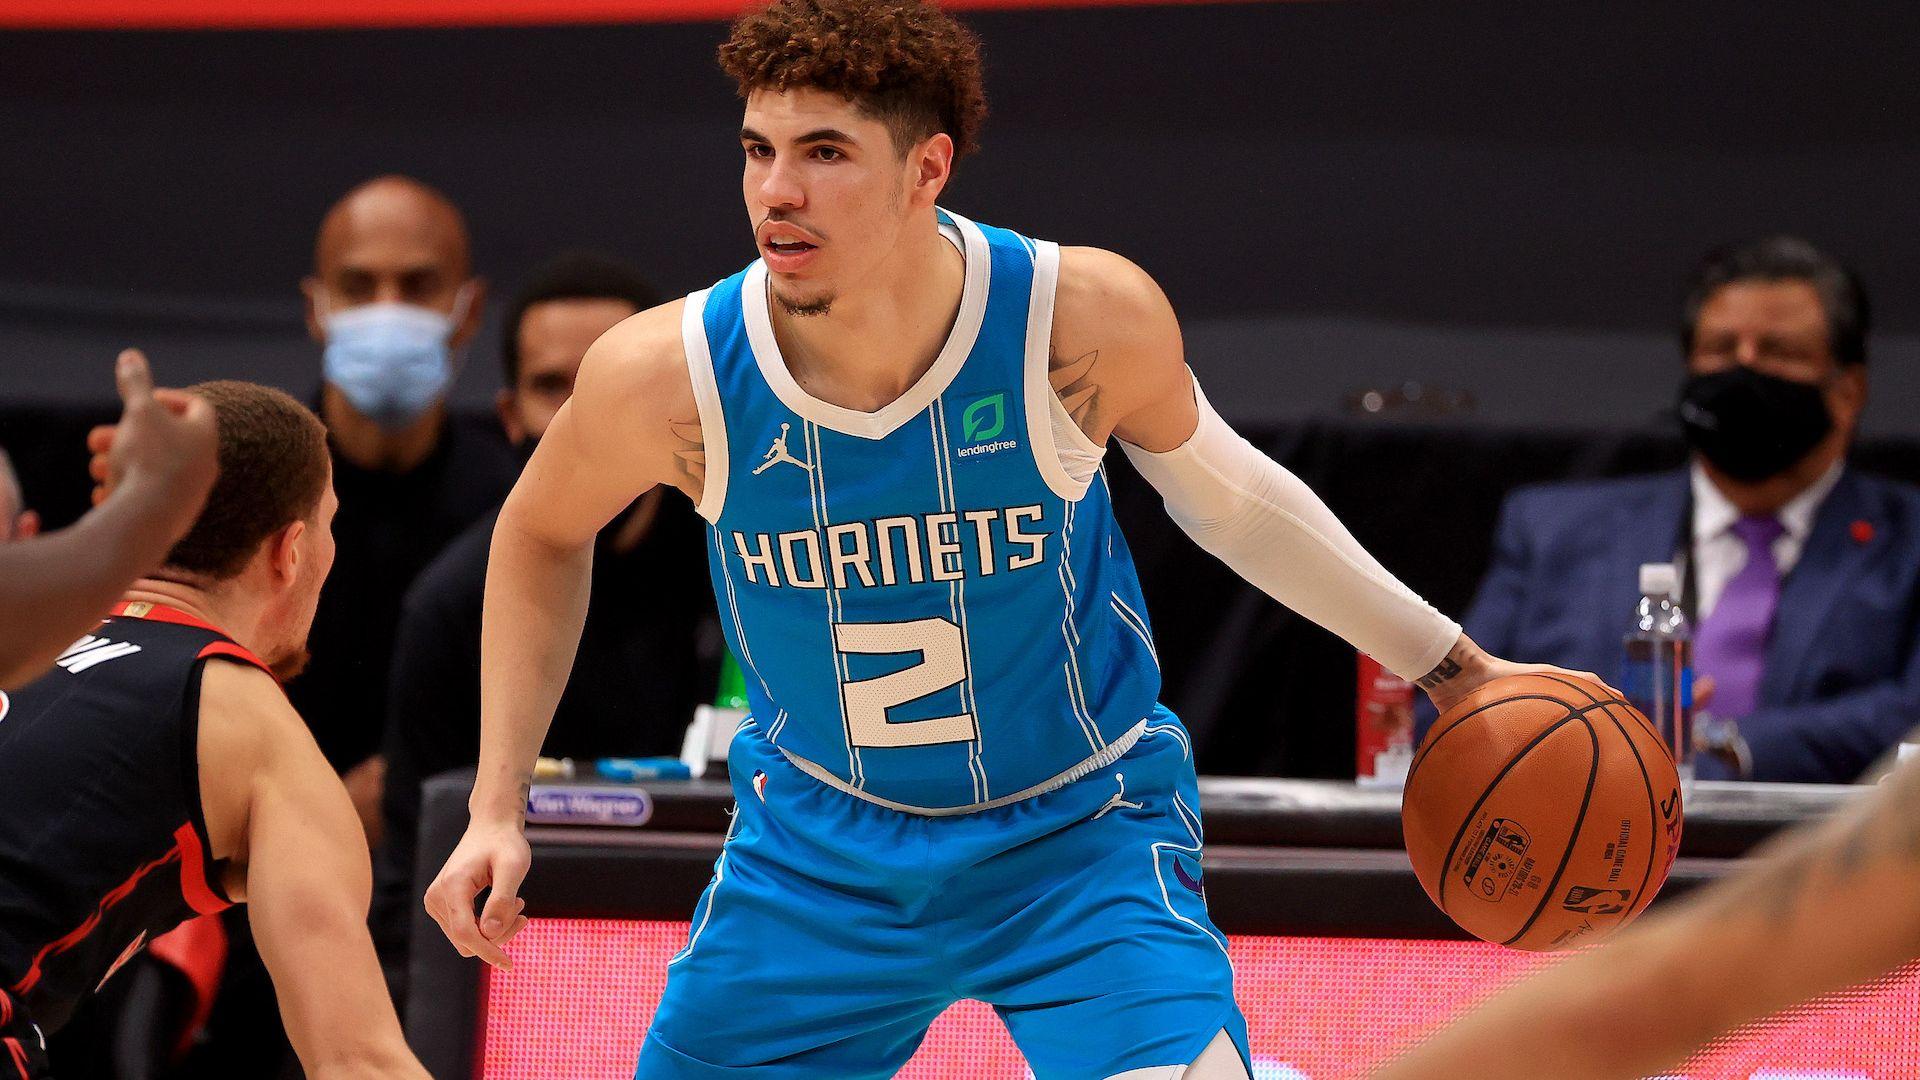 Счупена китка и край на сезона за една от младите звезди на НБА